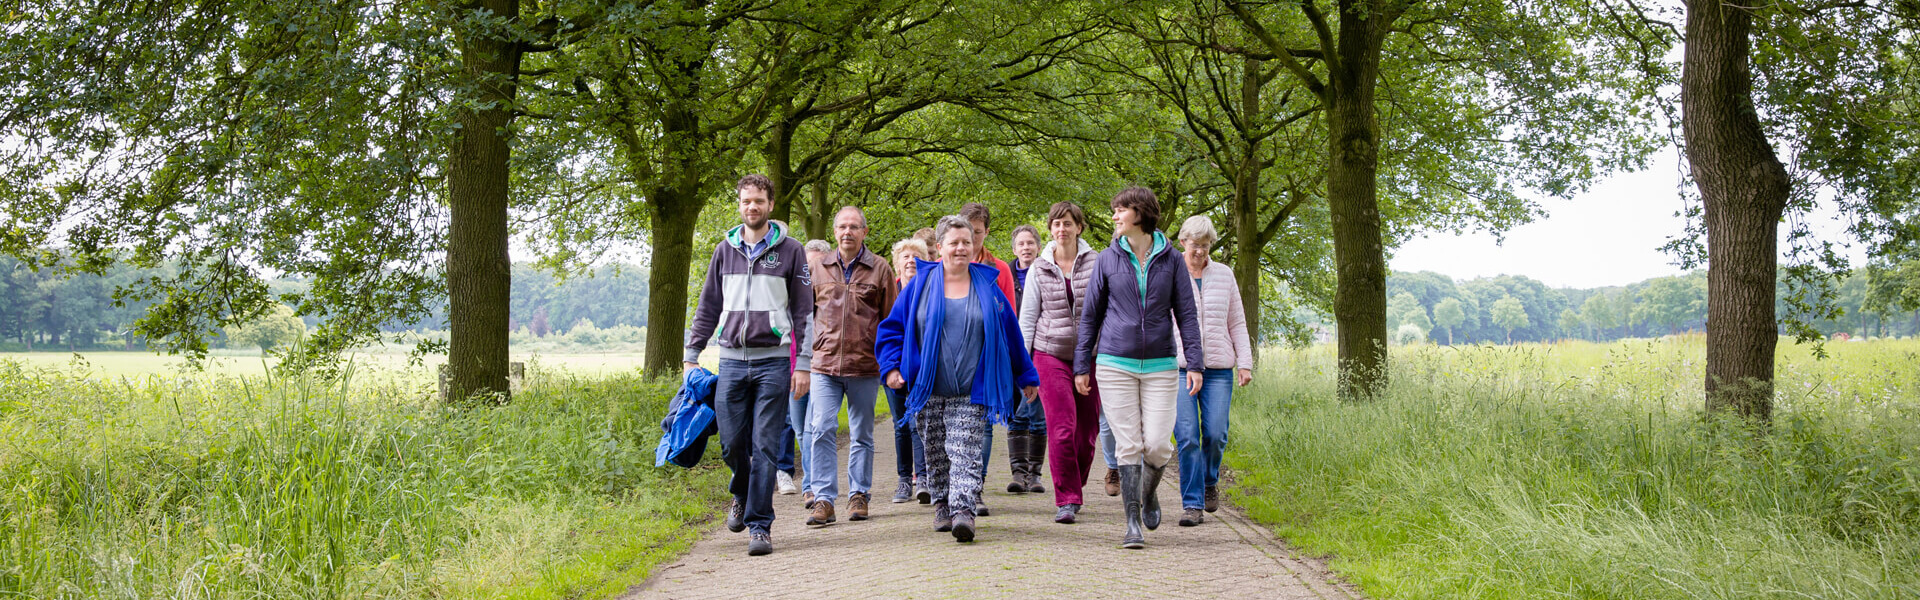 Begeleidende wandelingen. Hier zie je mensen wandelend door de natuur. 4 Elementen.